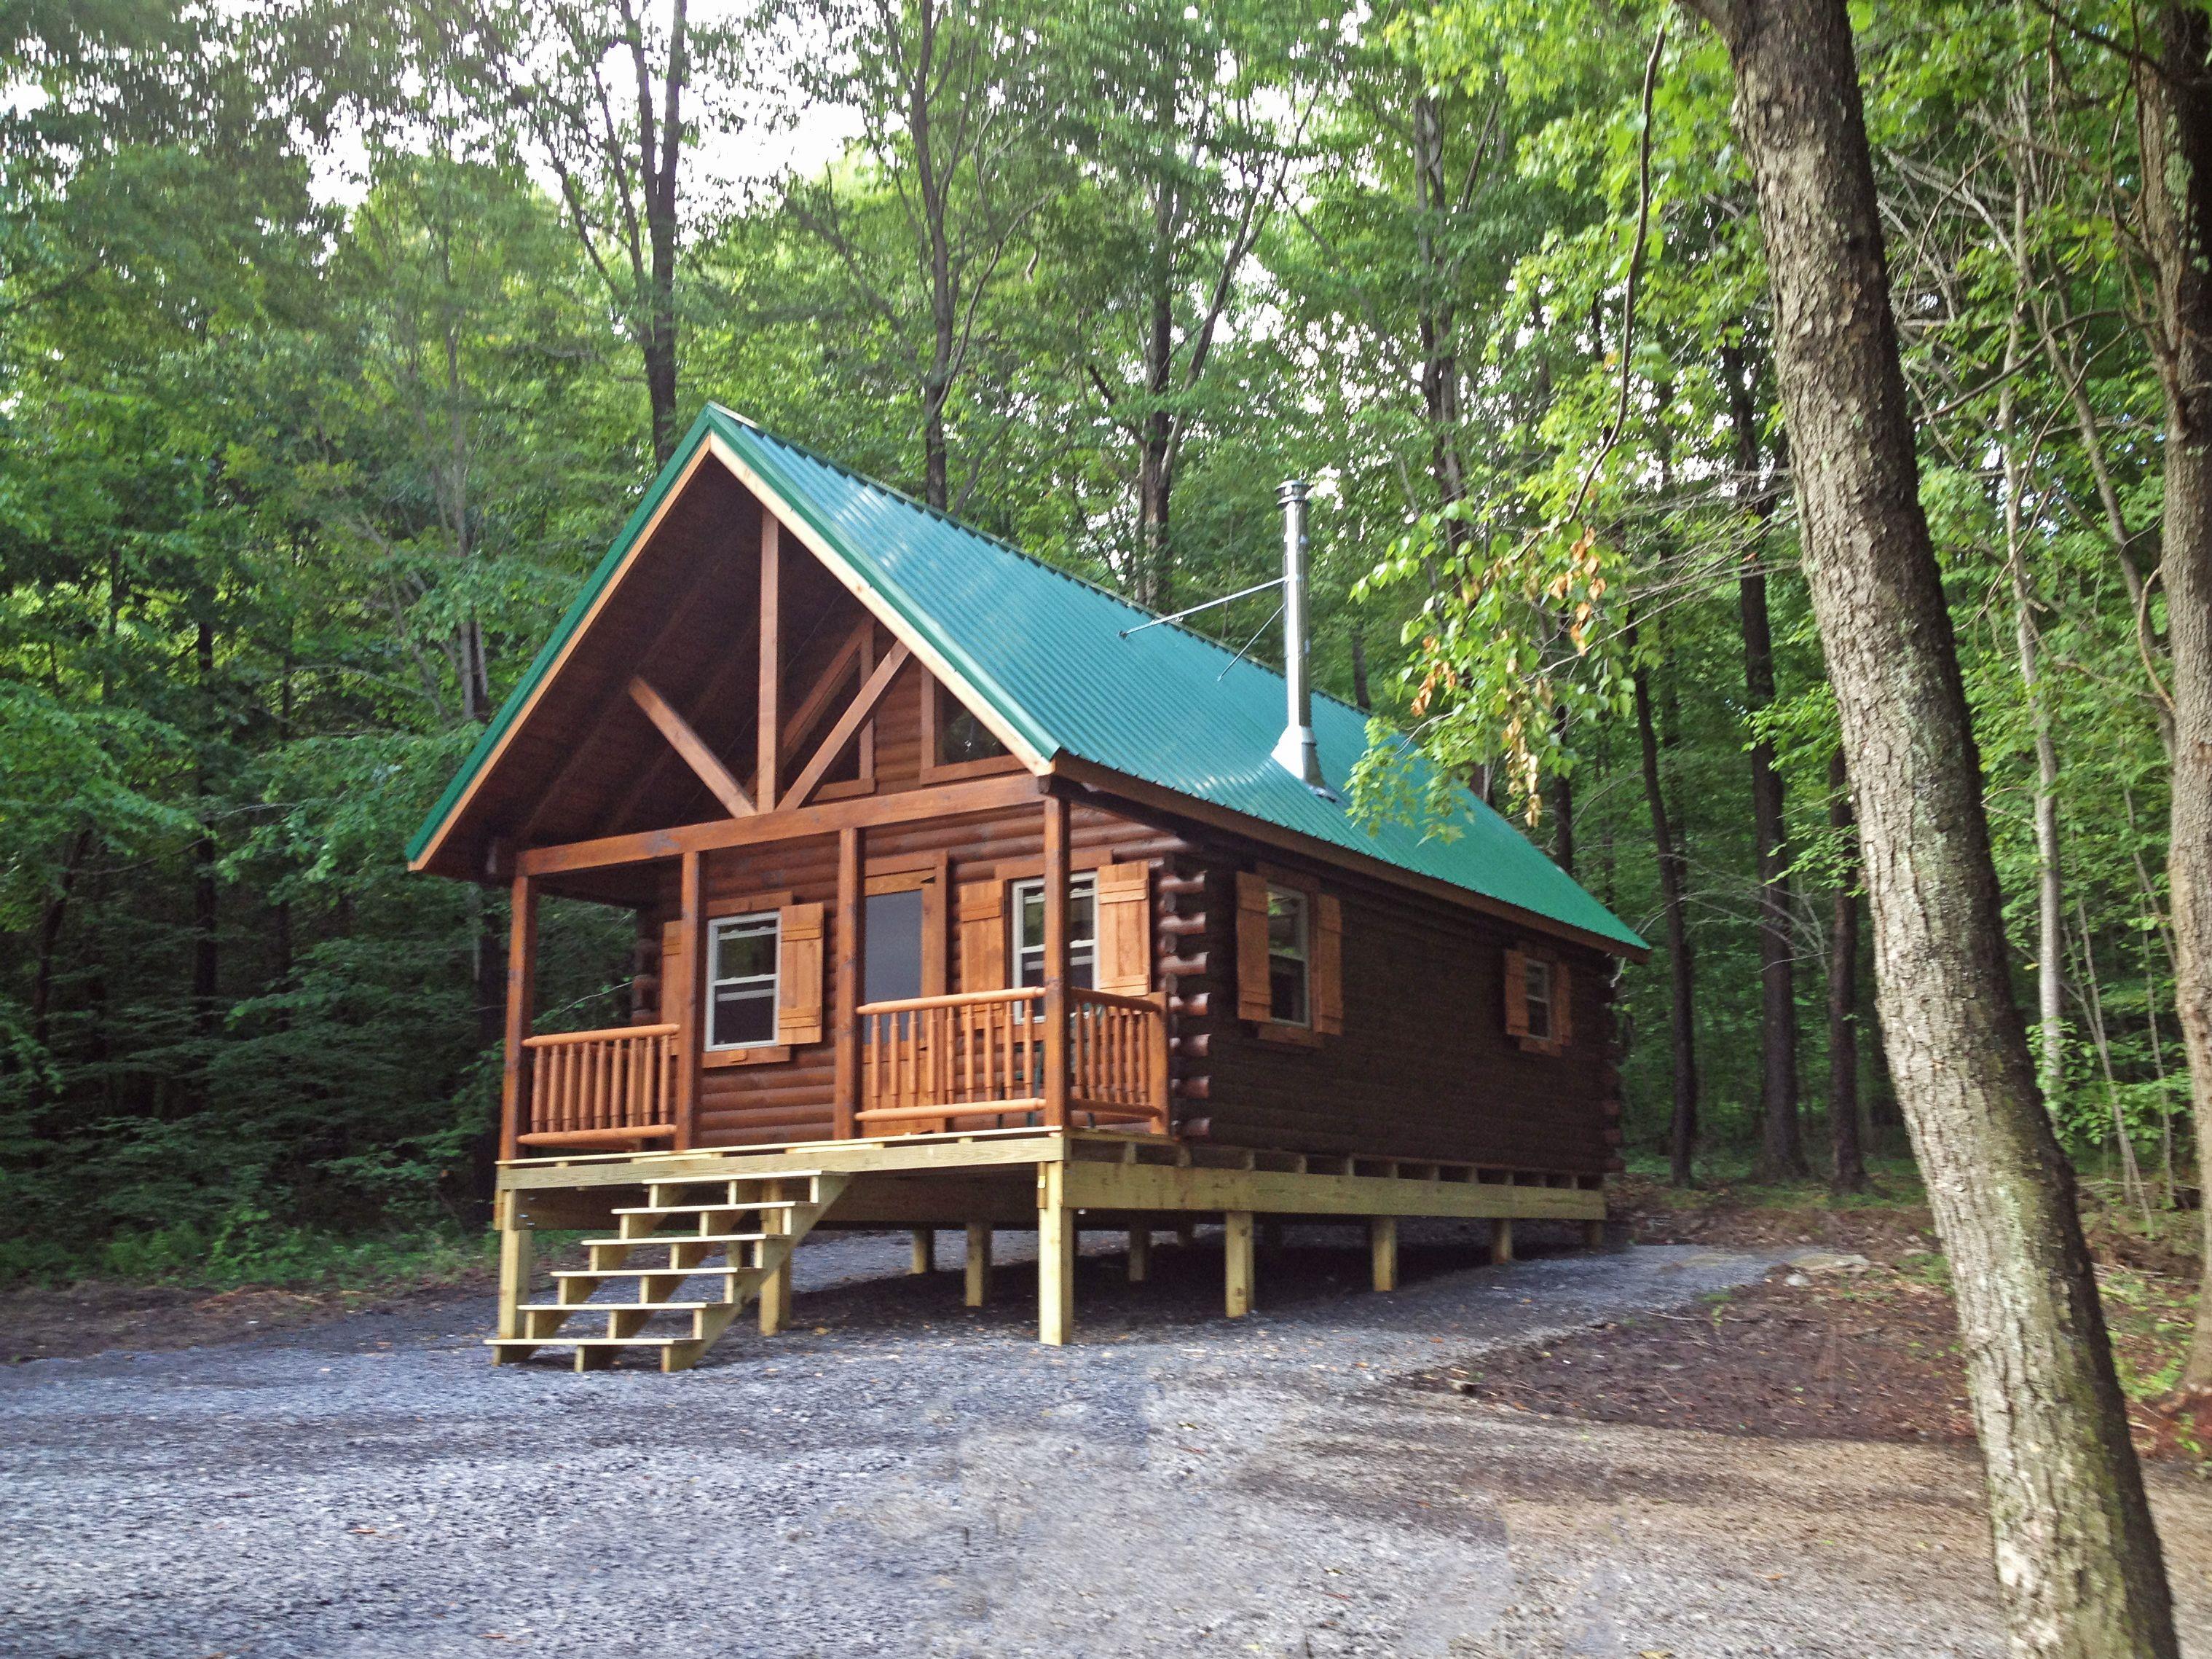 Beautiful Log Cabin We Built In Northwestern Pa Backyard Structures Cabin Log Cabin